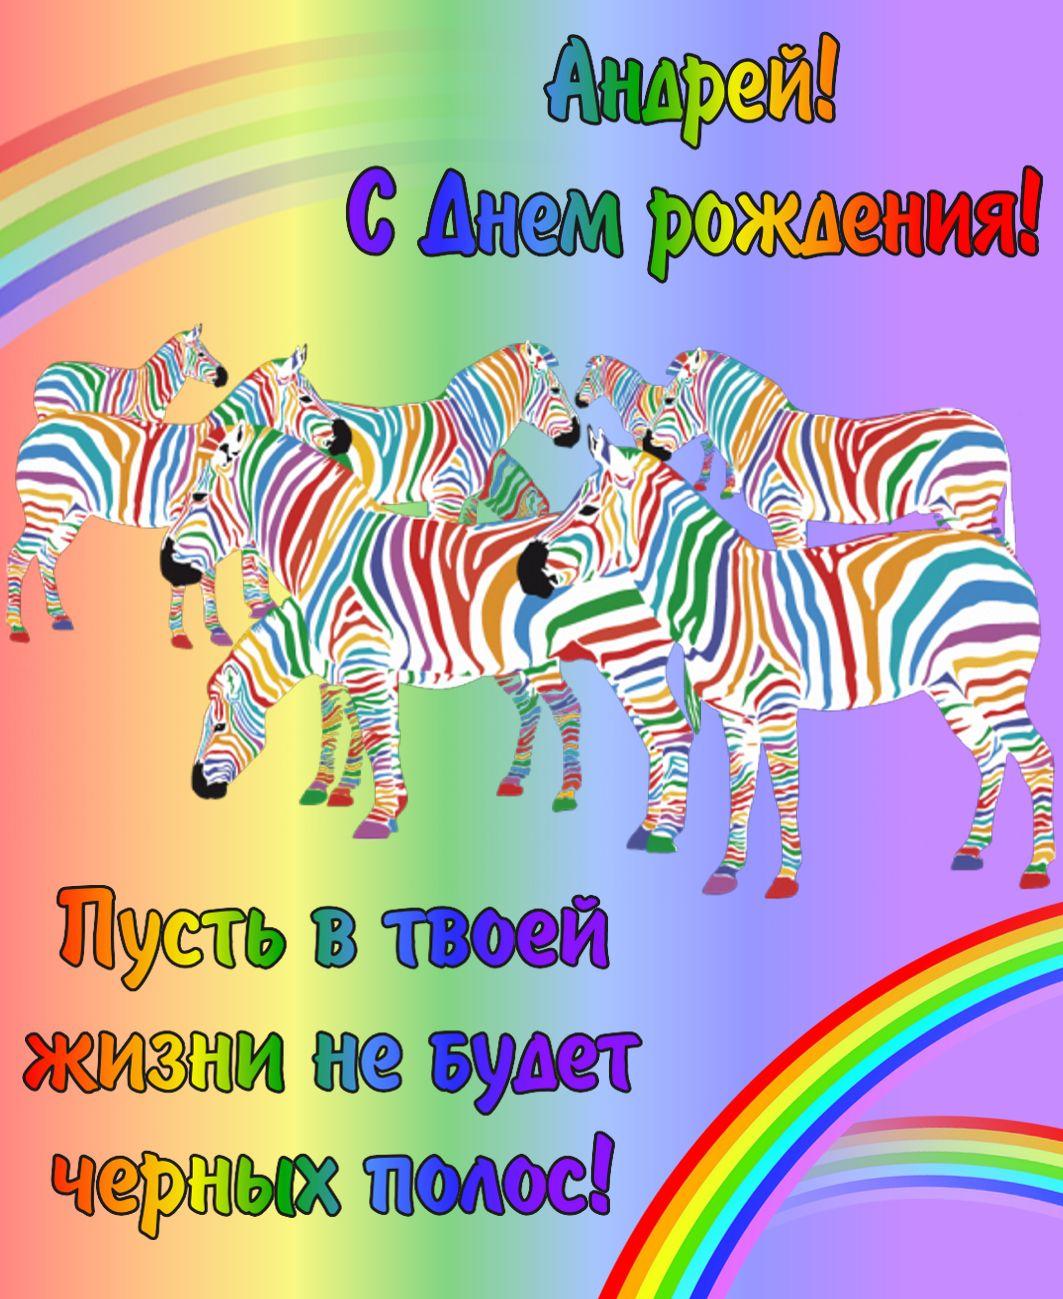 Хорошего вечера, открытка с днем рождения с зеброй